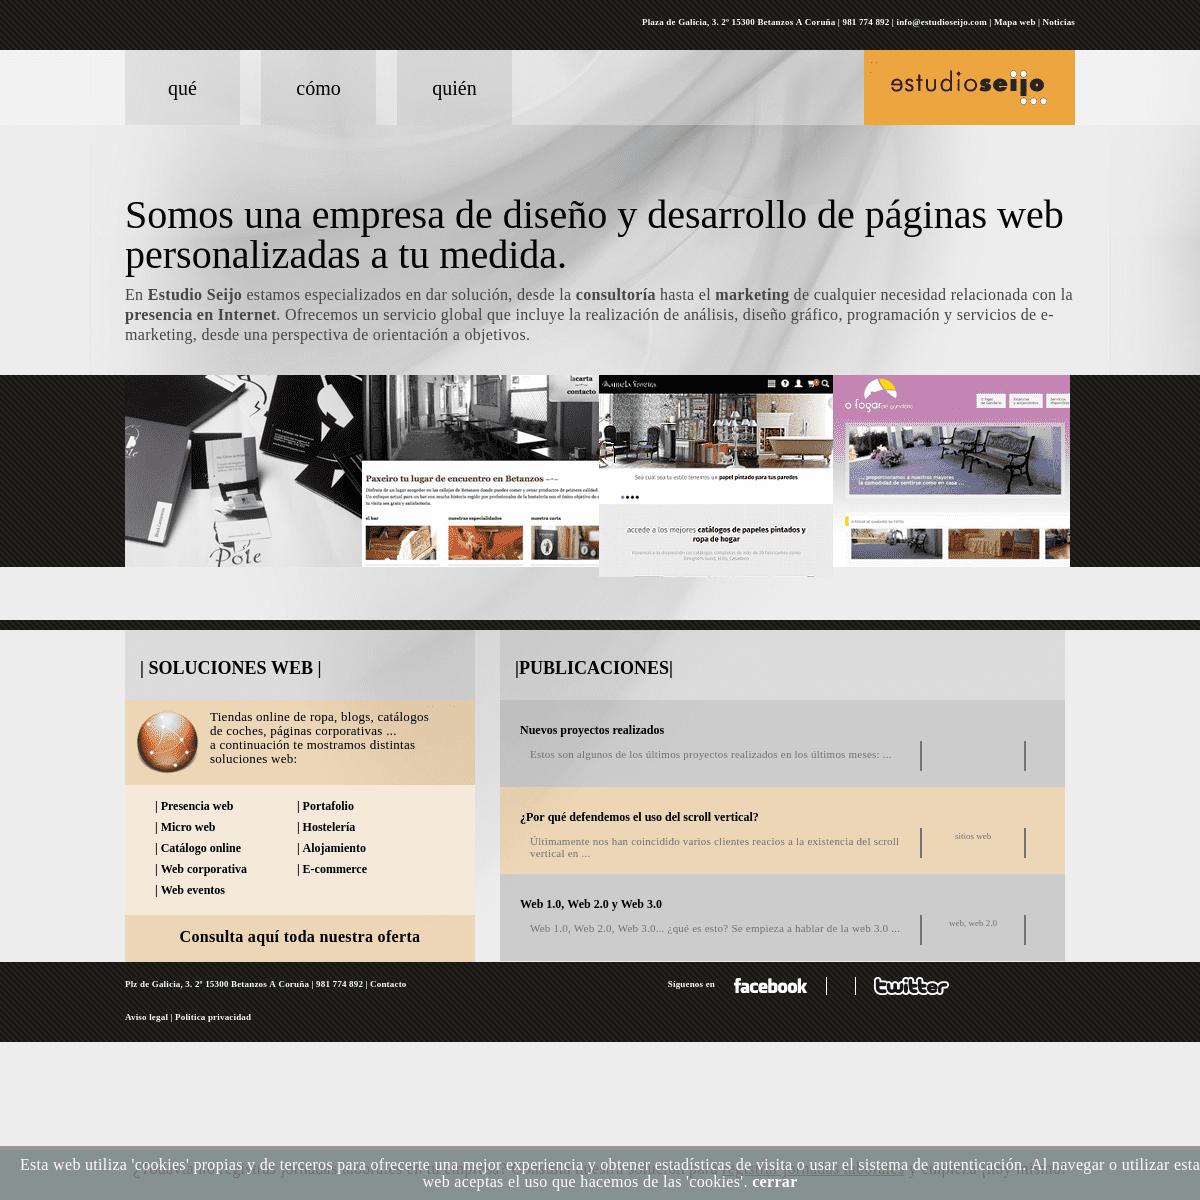 Diseño de páginas web Coruña, consultoría internet - Estudio Seijo